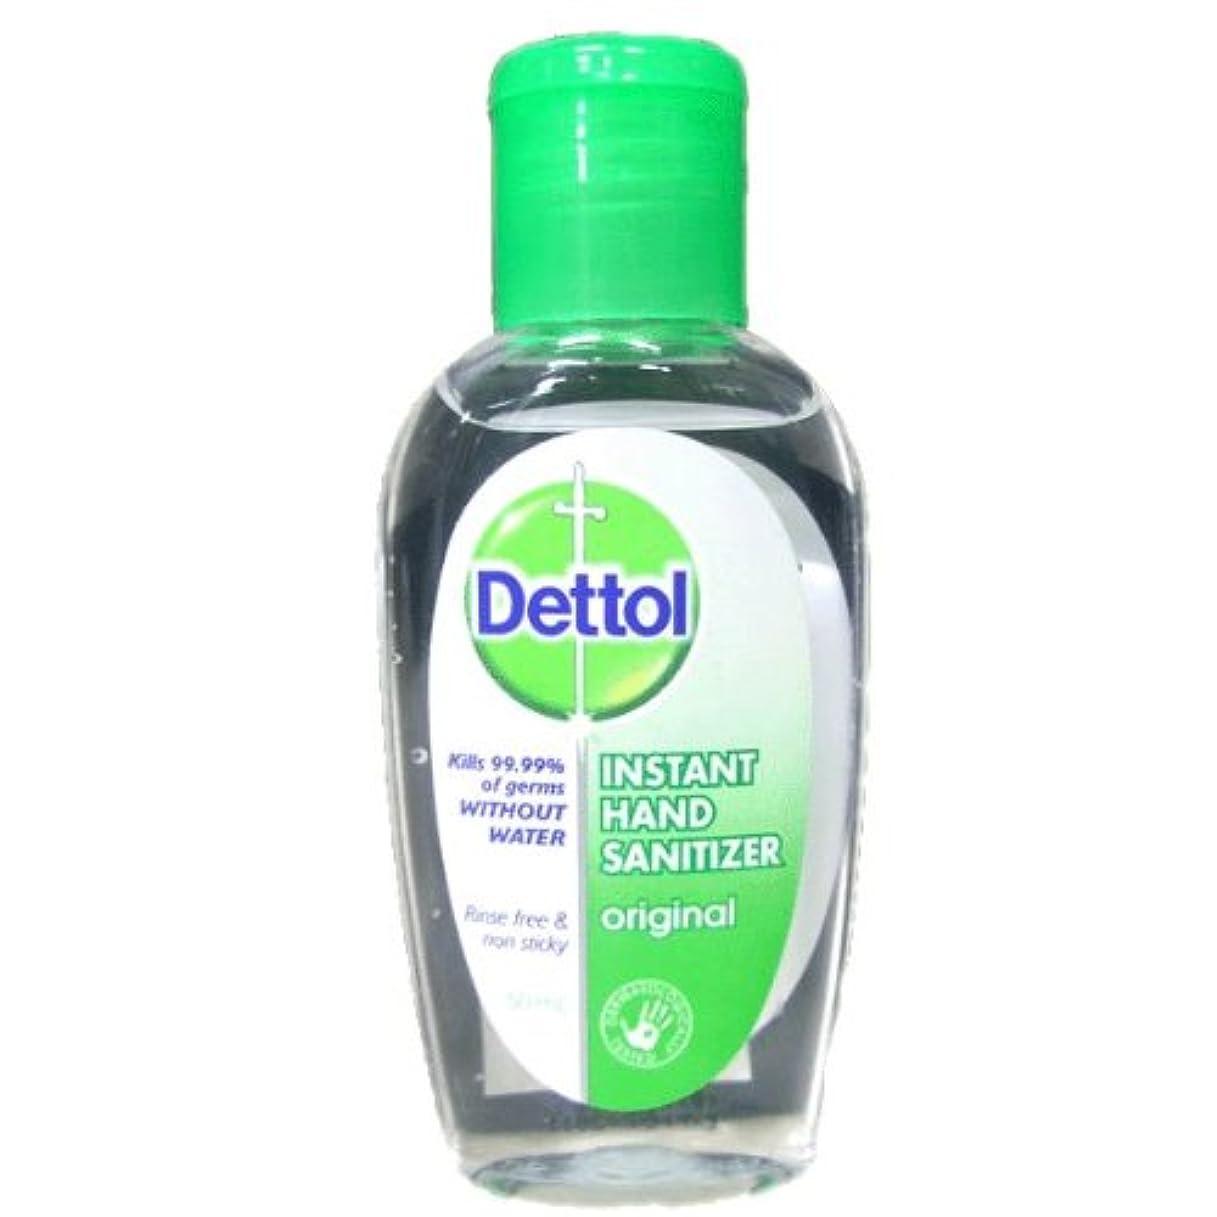 解体する競う軍艦Dettol instant hand sanitizer